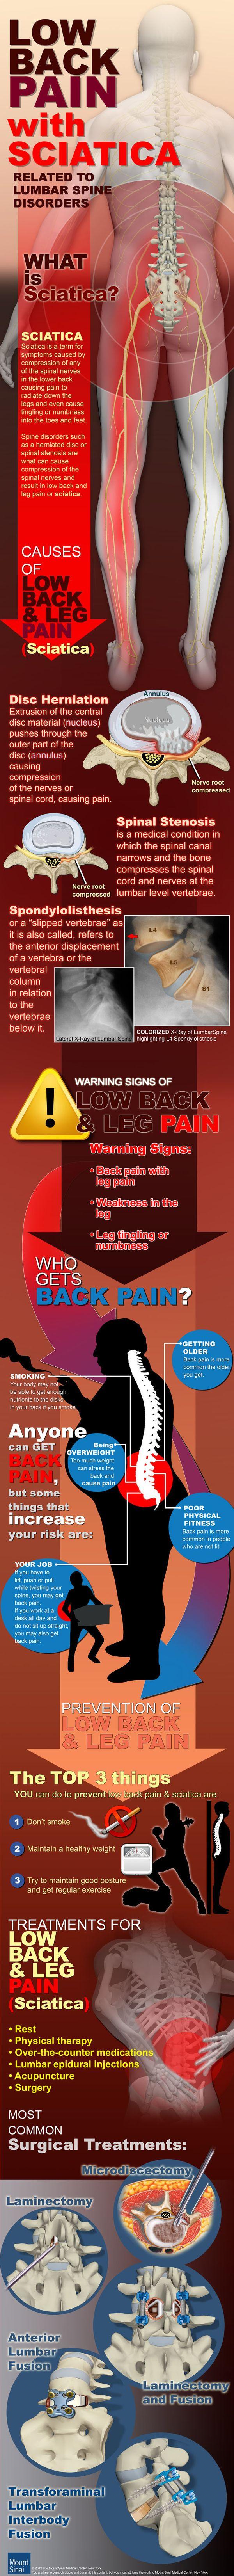 Low Back Pain w/ Sciatics & 4 Best Piriformis Syndrome Exercises